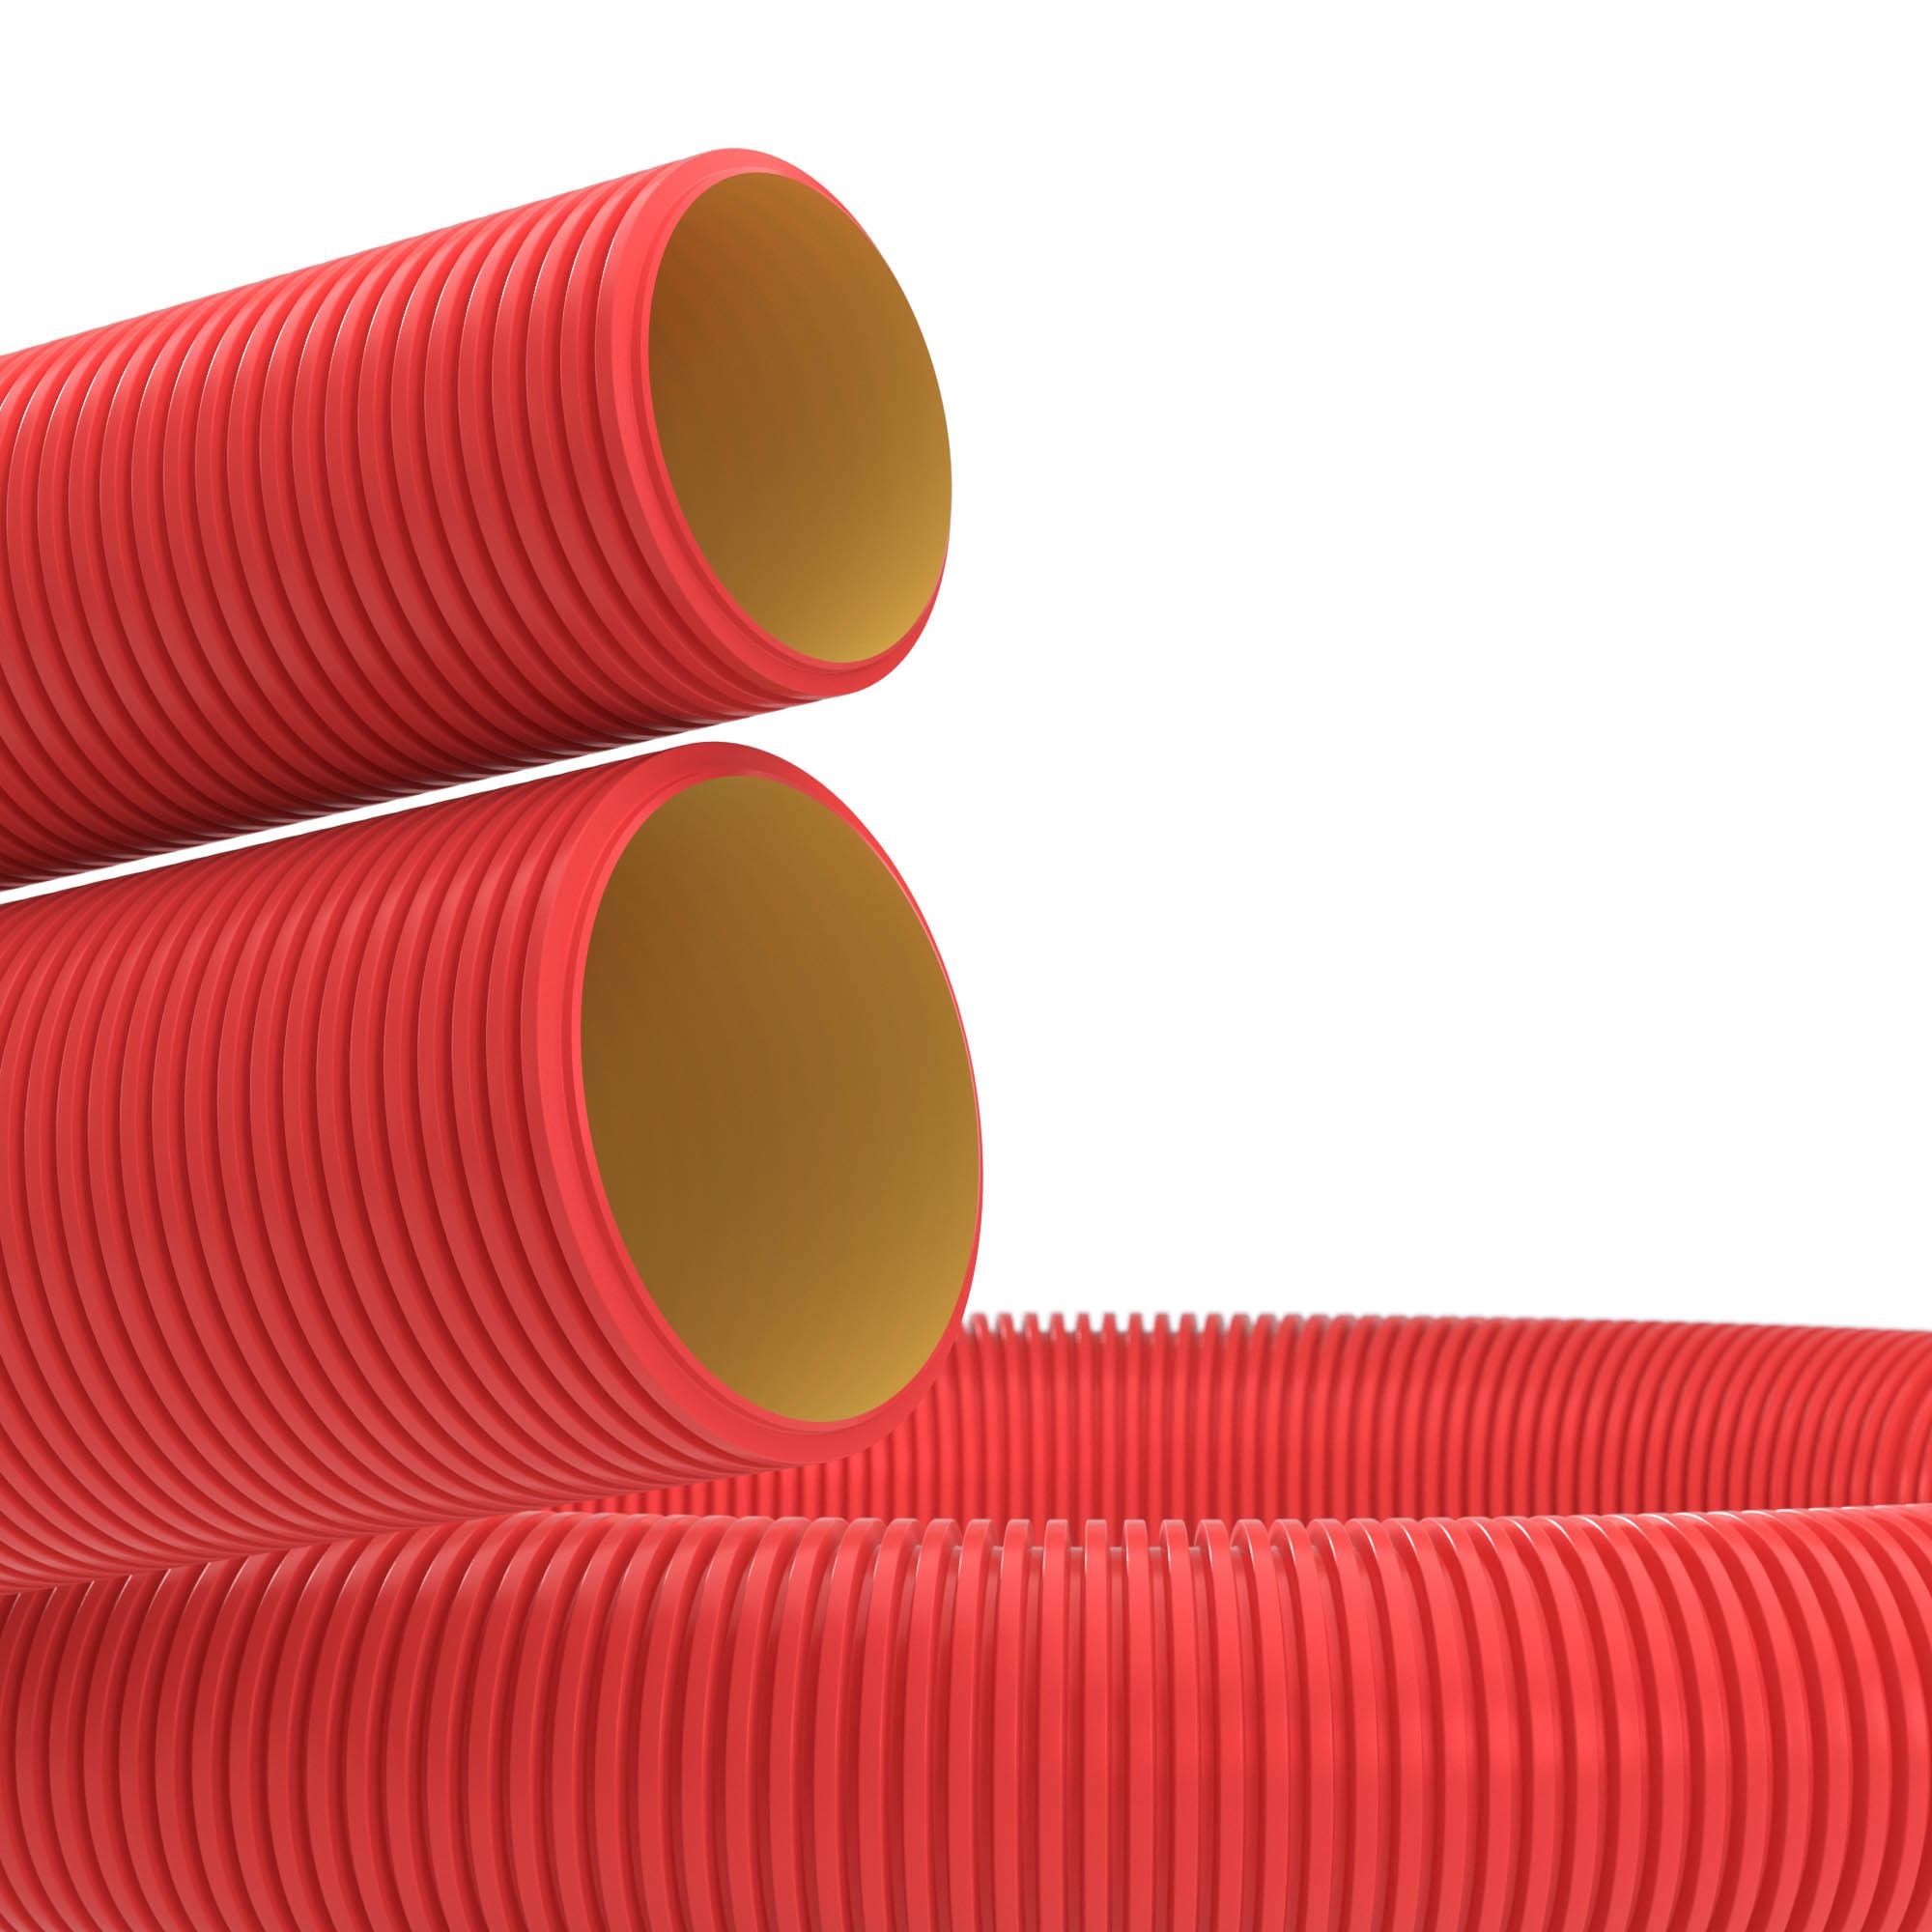 Двустенная труба ПНД гибкая для кабельной канализации d 110мм с протяжкой SN8 450Н красный